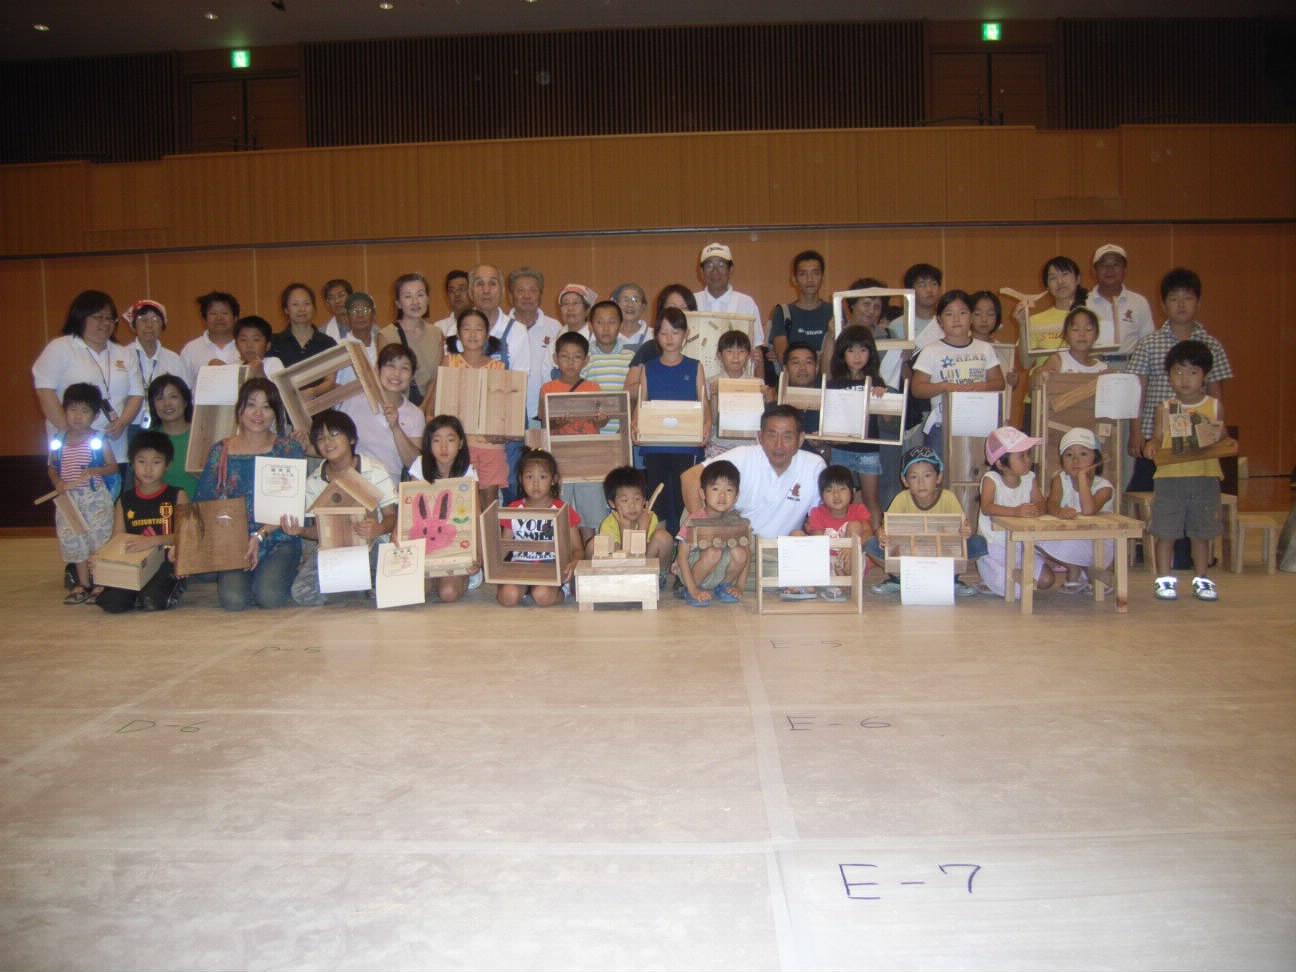 今年の夏休み子供工作教室 終わりました_f0052181_2036193.jpg